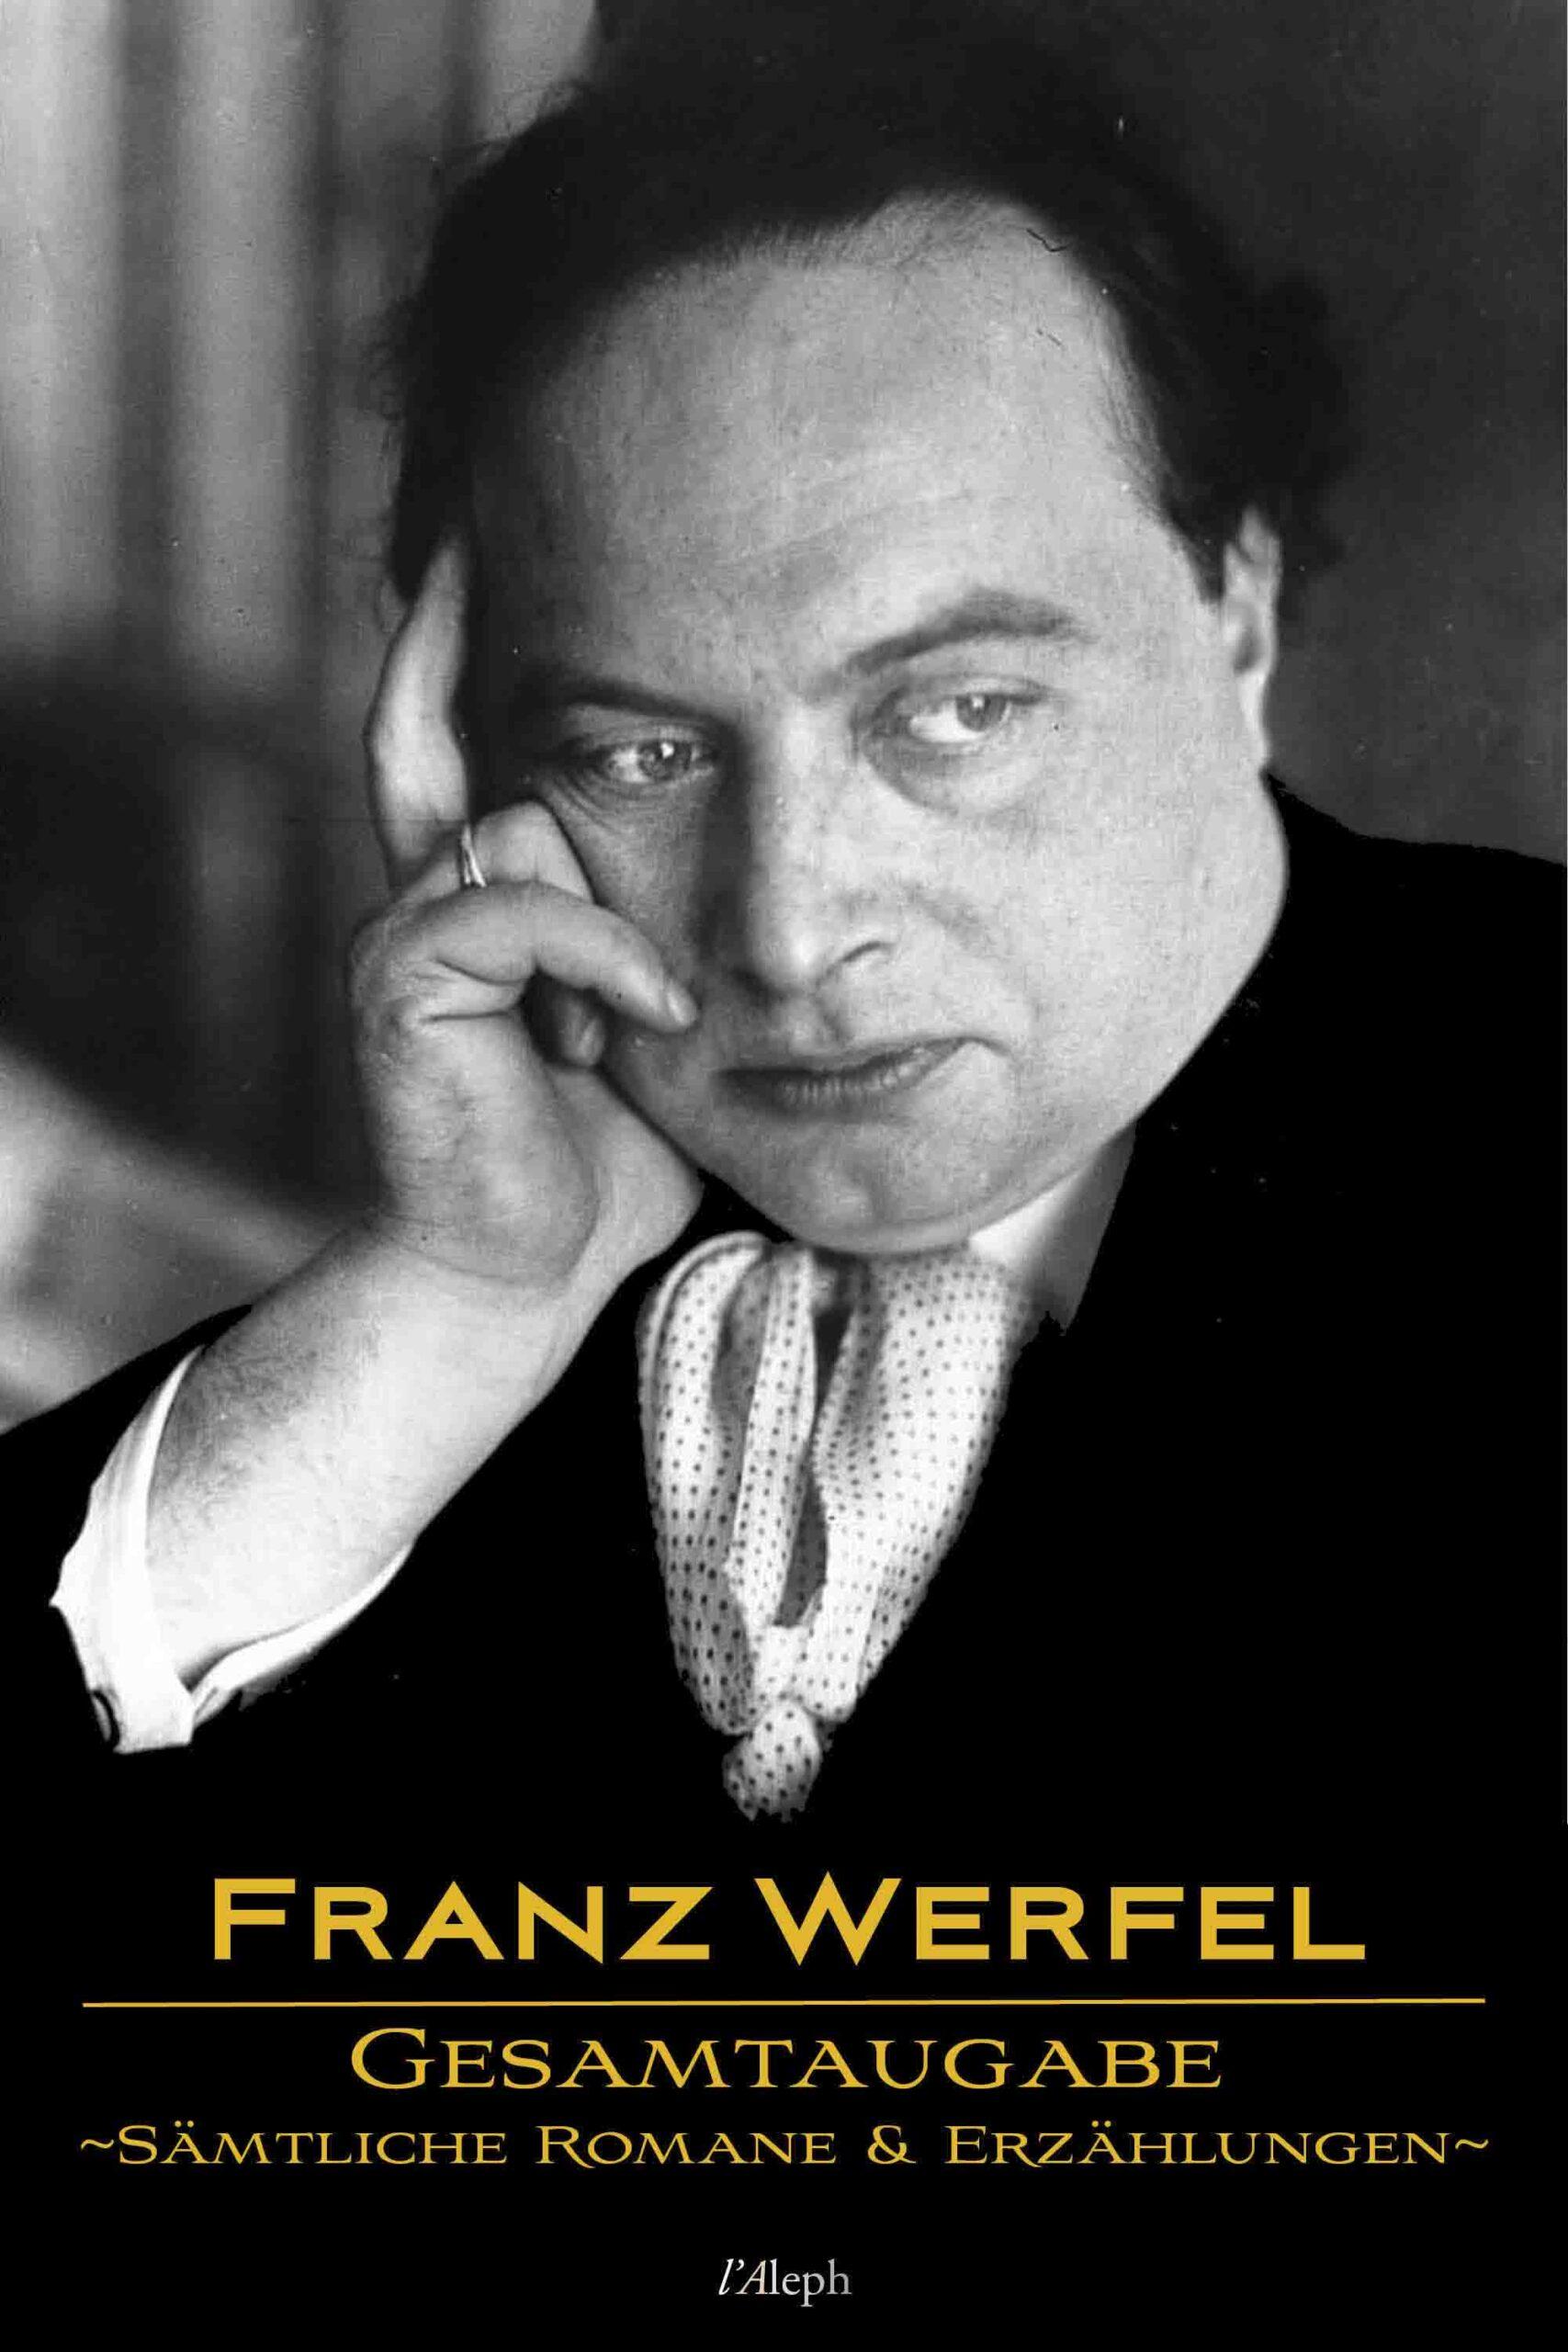 Franz Werfel: Gesamtausgabe – Sämtliche Romane und Erzählungen